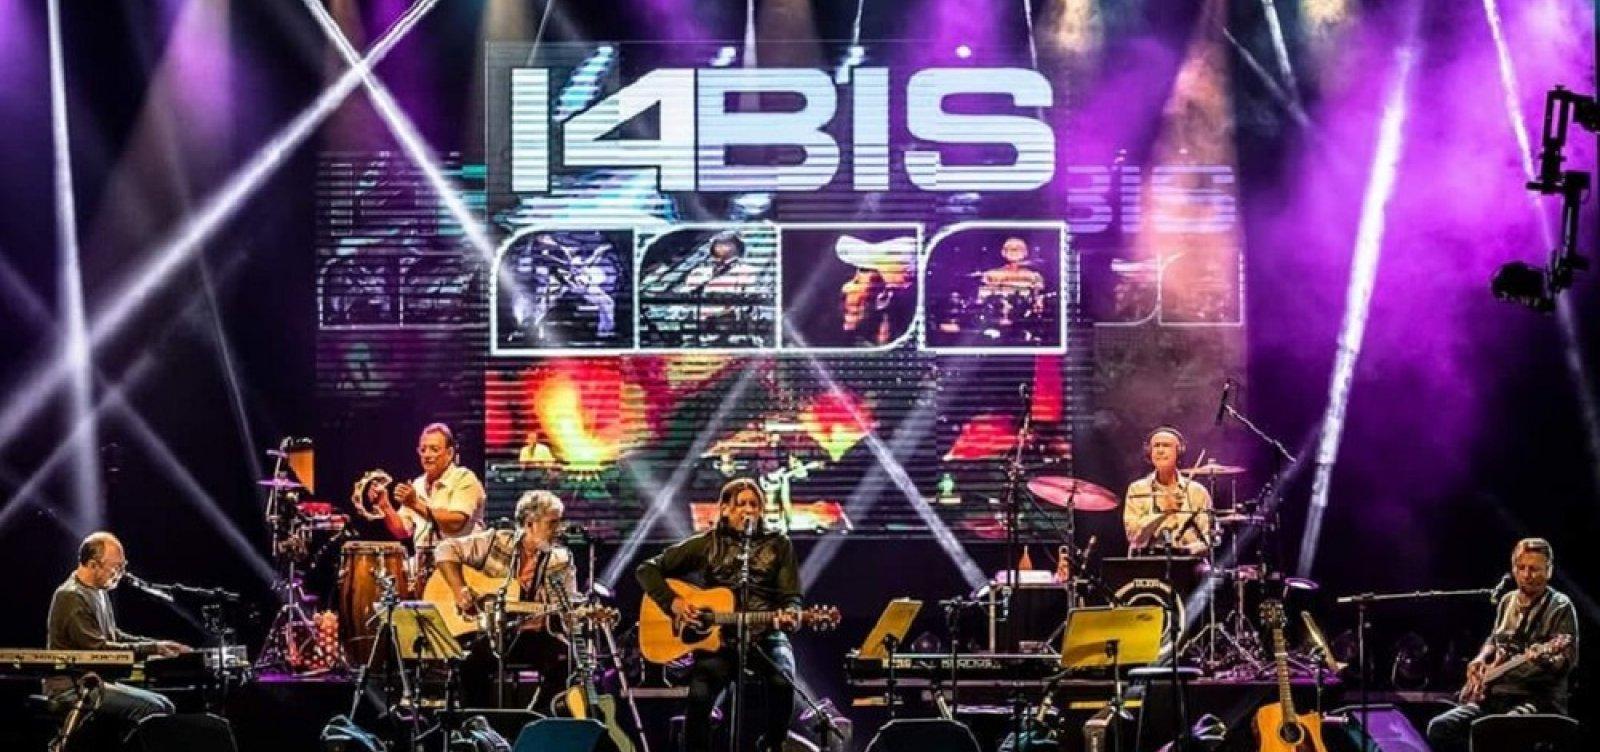 Banda 14 Bis apresenta show acústico no TCA